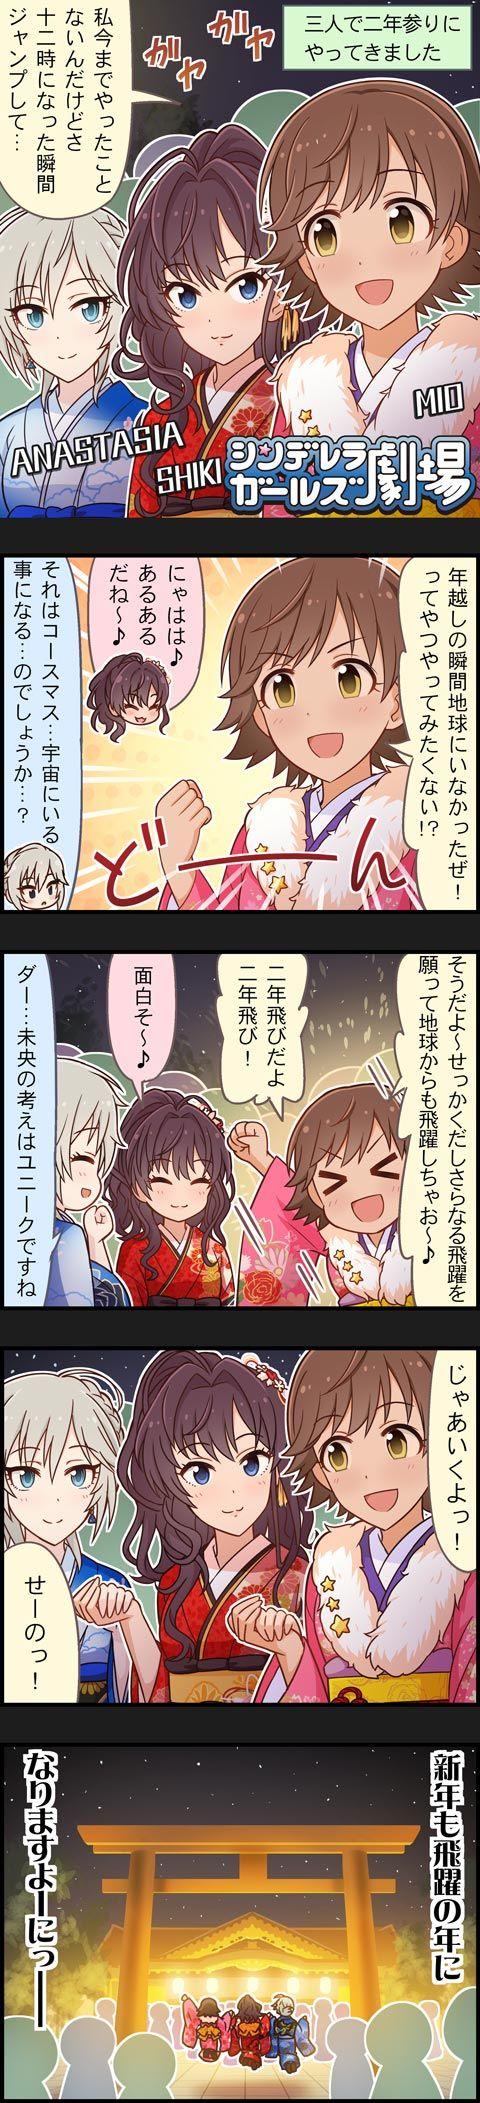 【第828話】いくよっ!せーのっ!